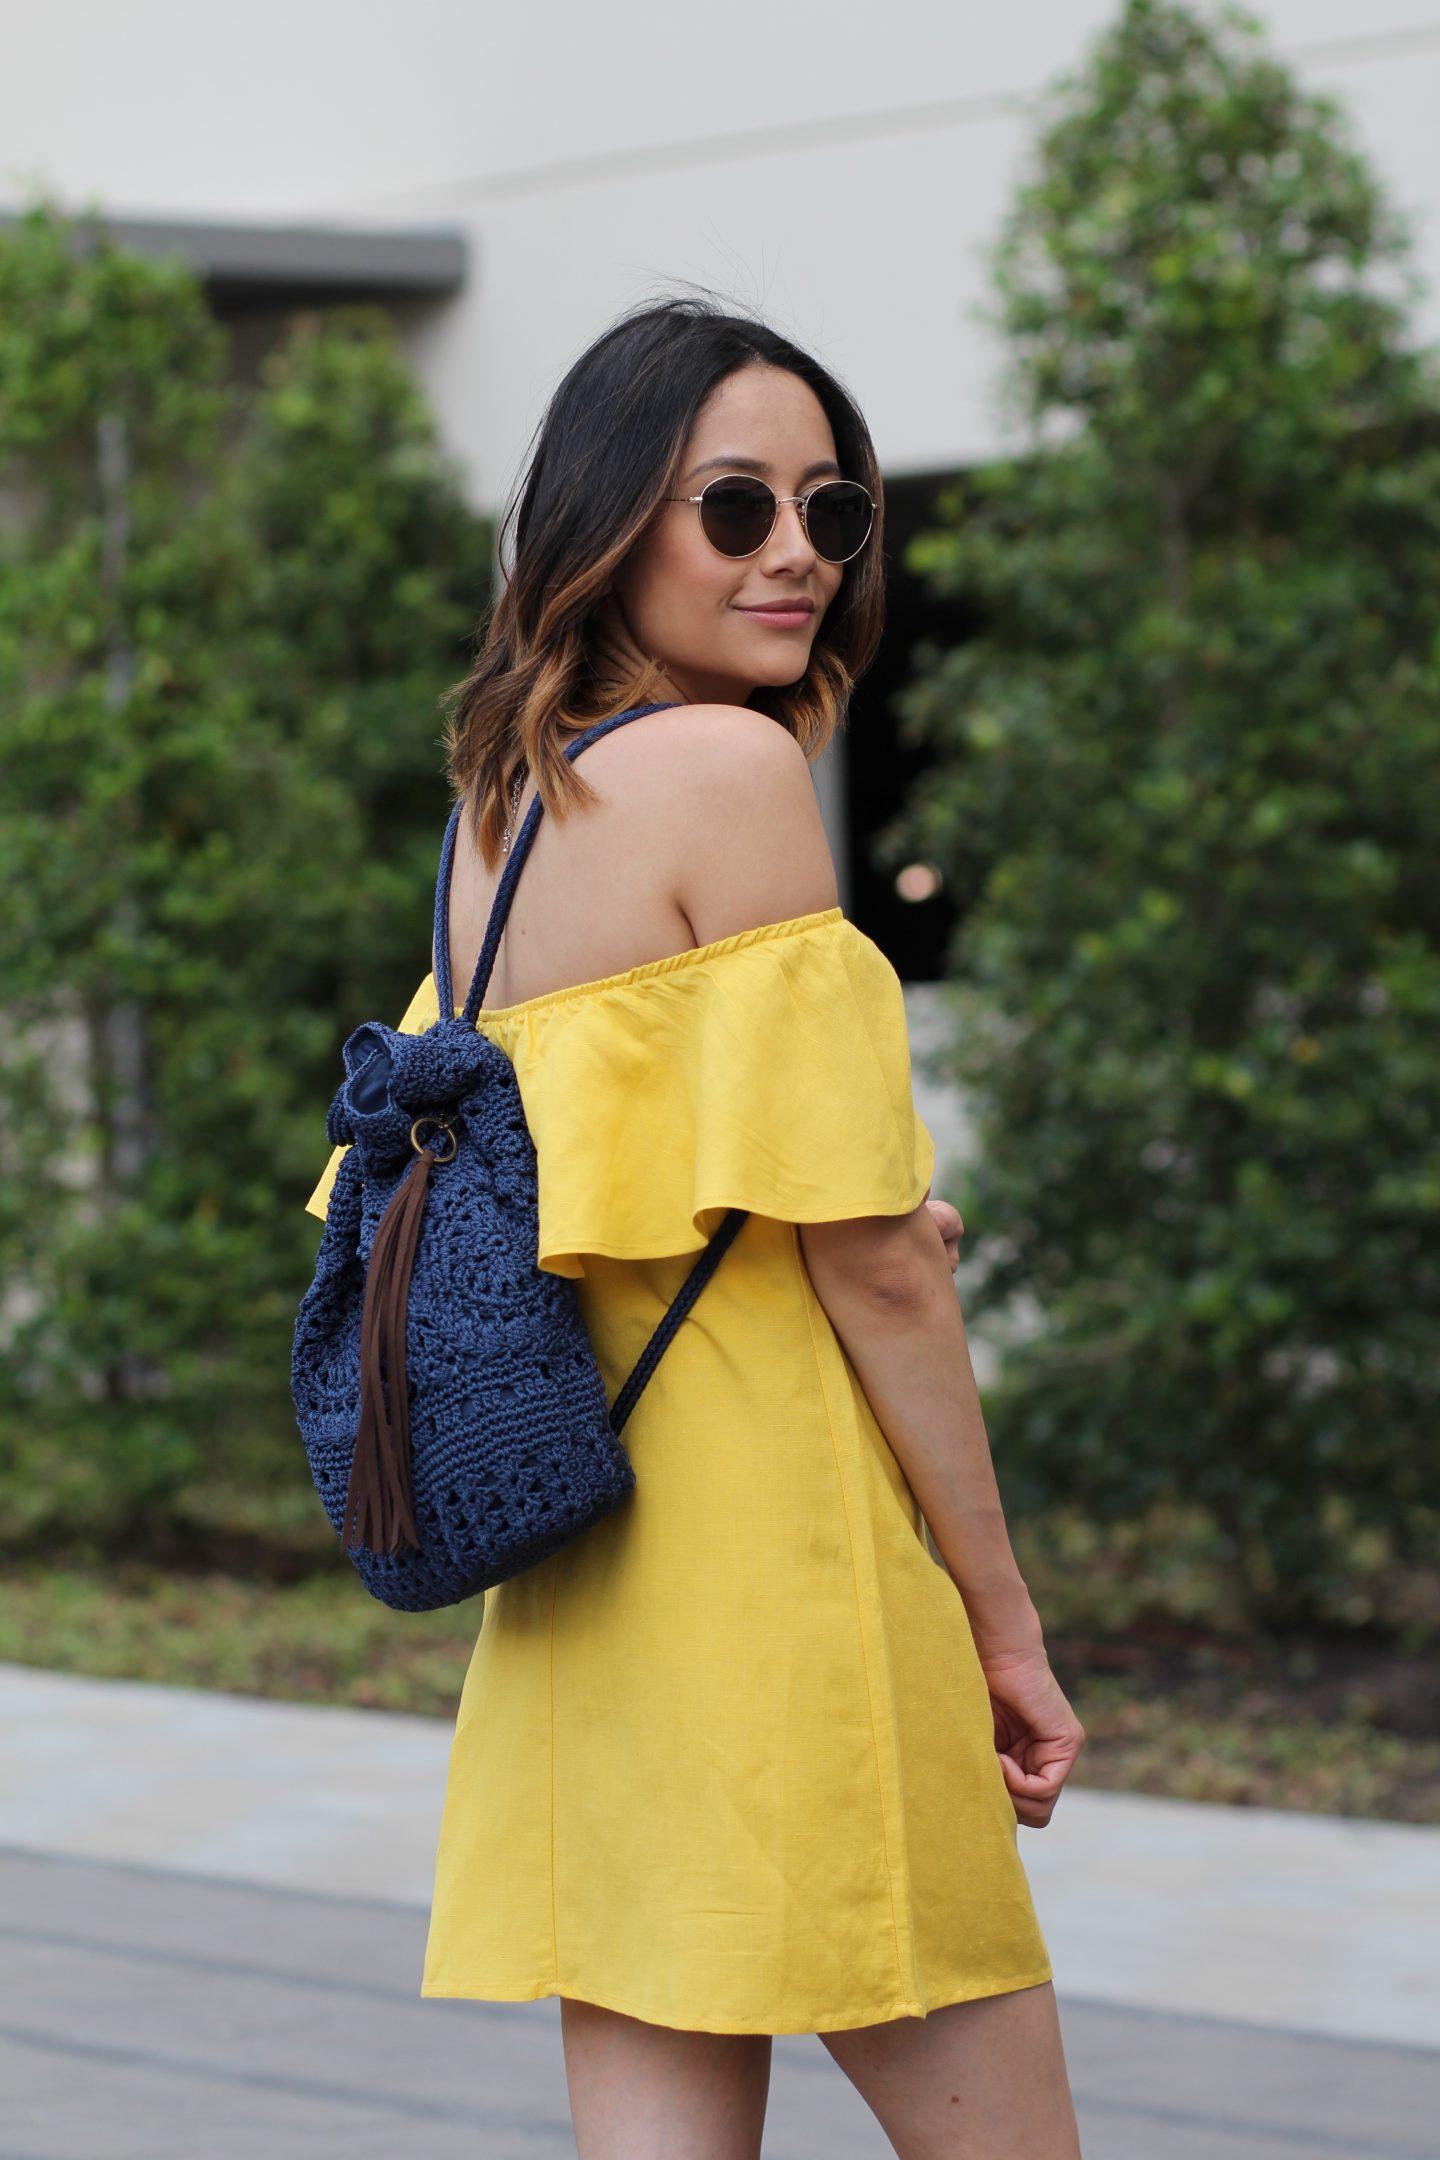 The Sak Sayulita Backpack | Crocheted Bag |